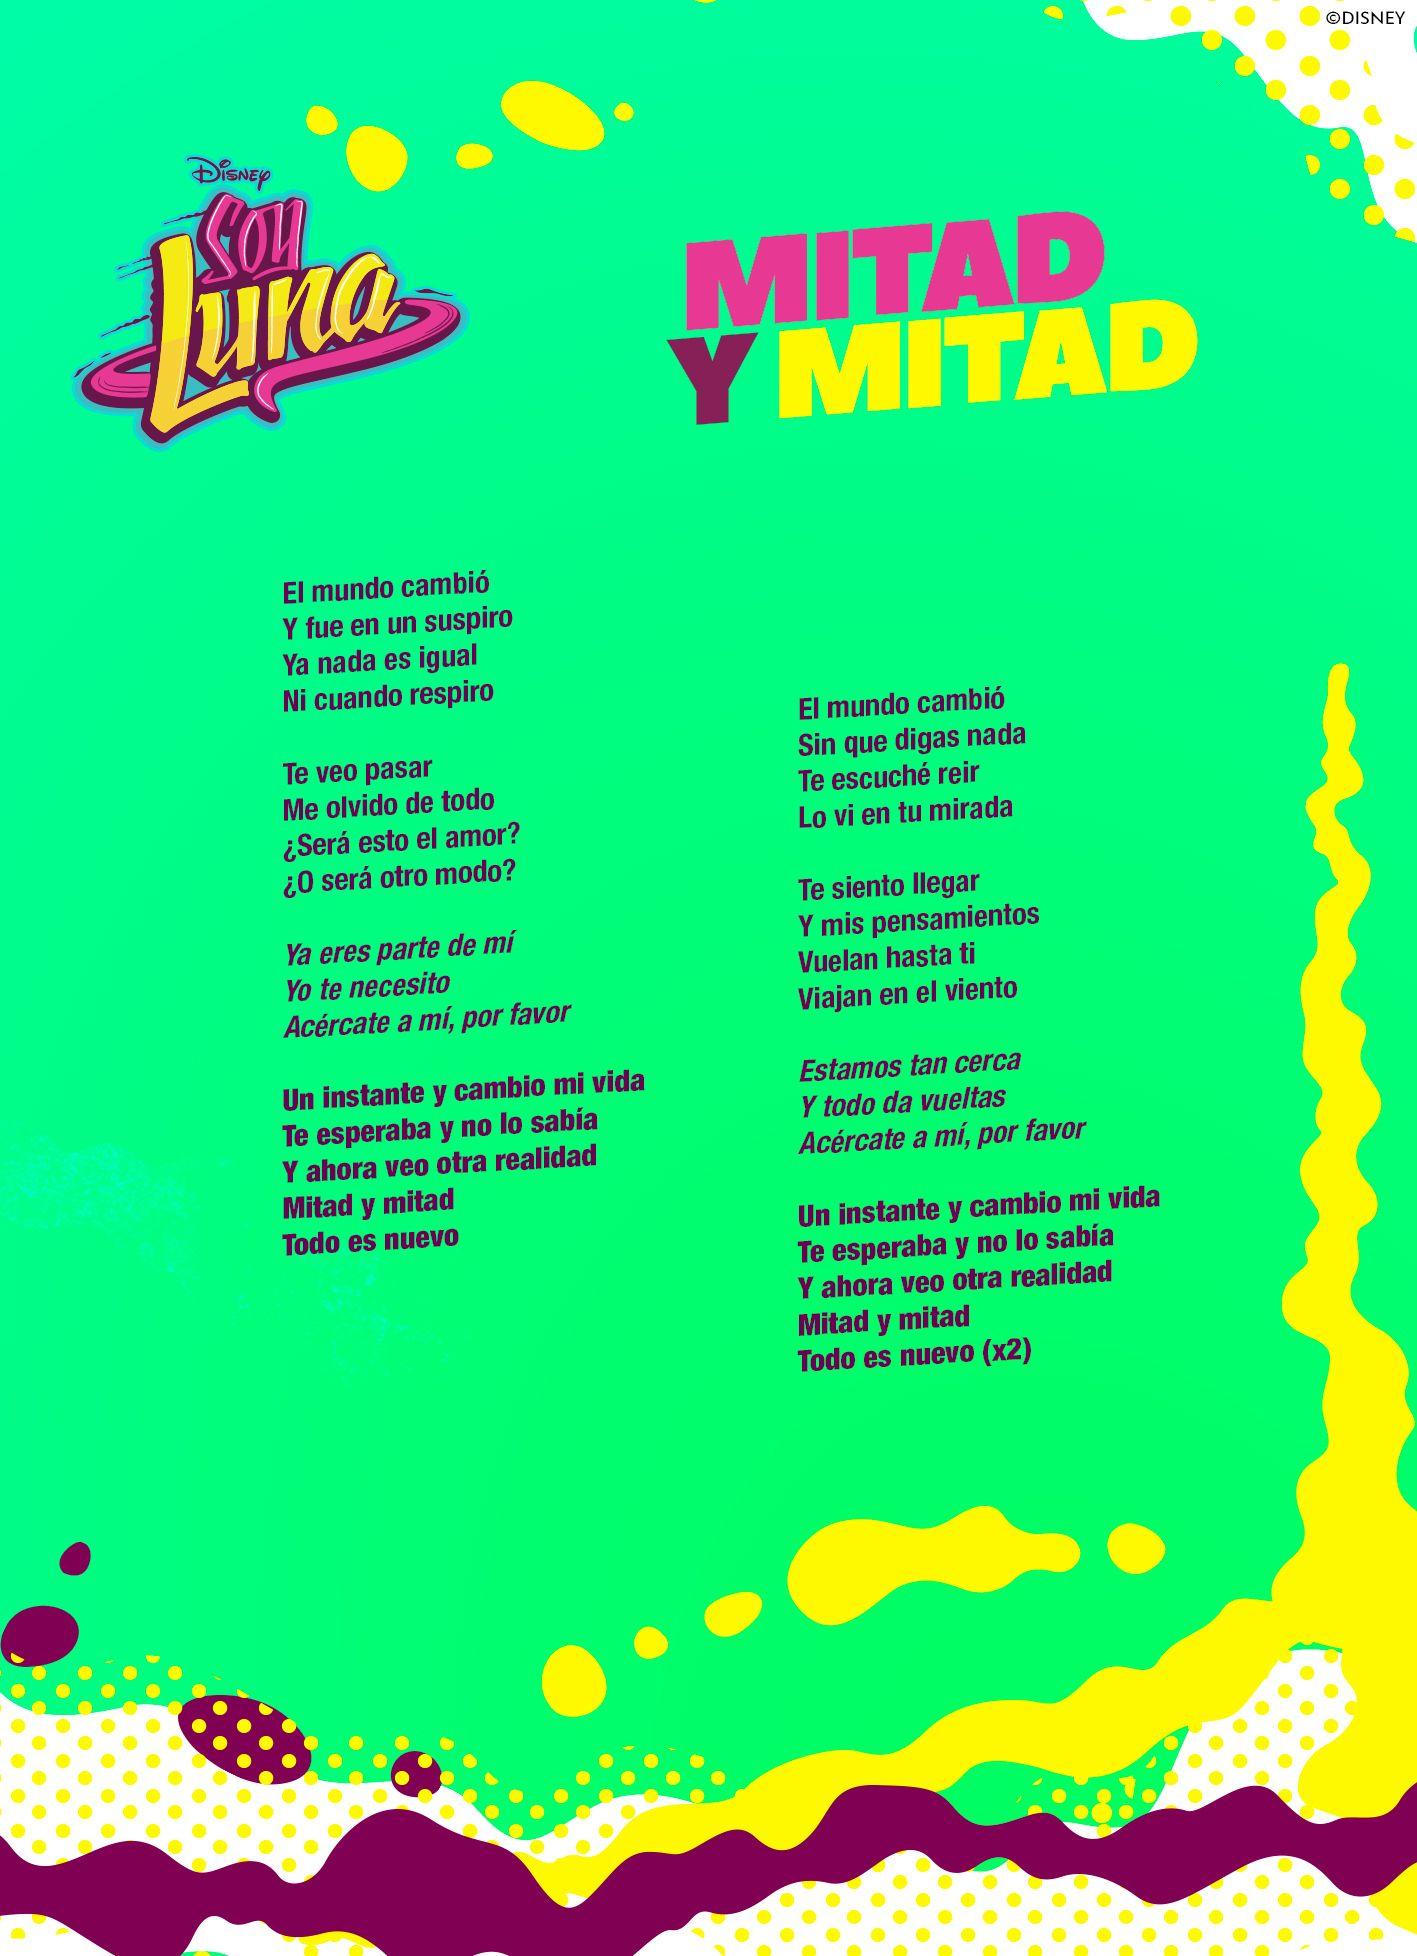 Mitad Y Mitad Sl Nina Y Gaston Canta Mitad Y Mitad En Nueva Temporada Soy Luna Canciones Letra Letra Soy Luna Letras De Canciones